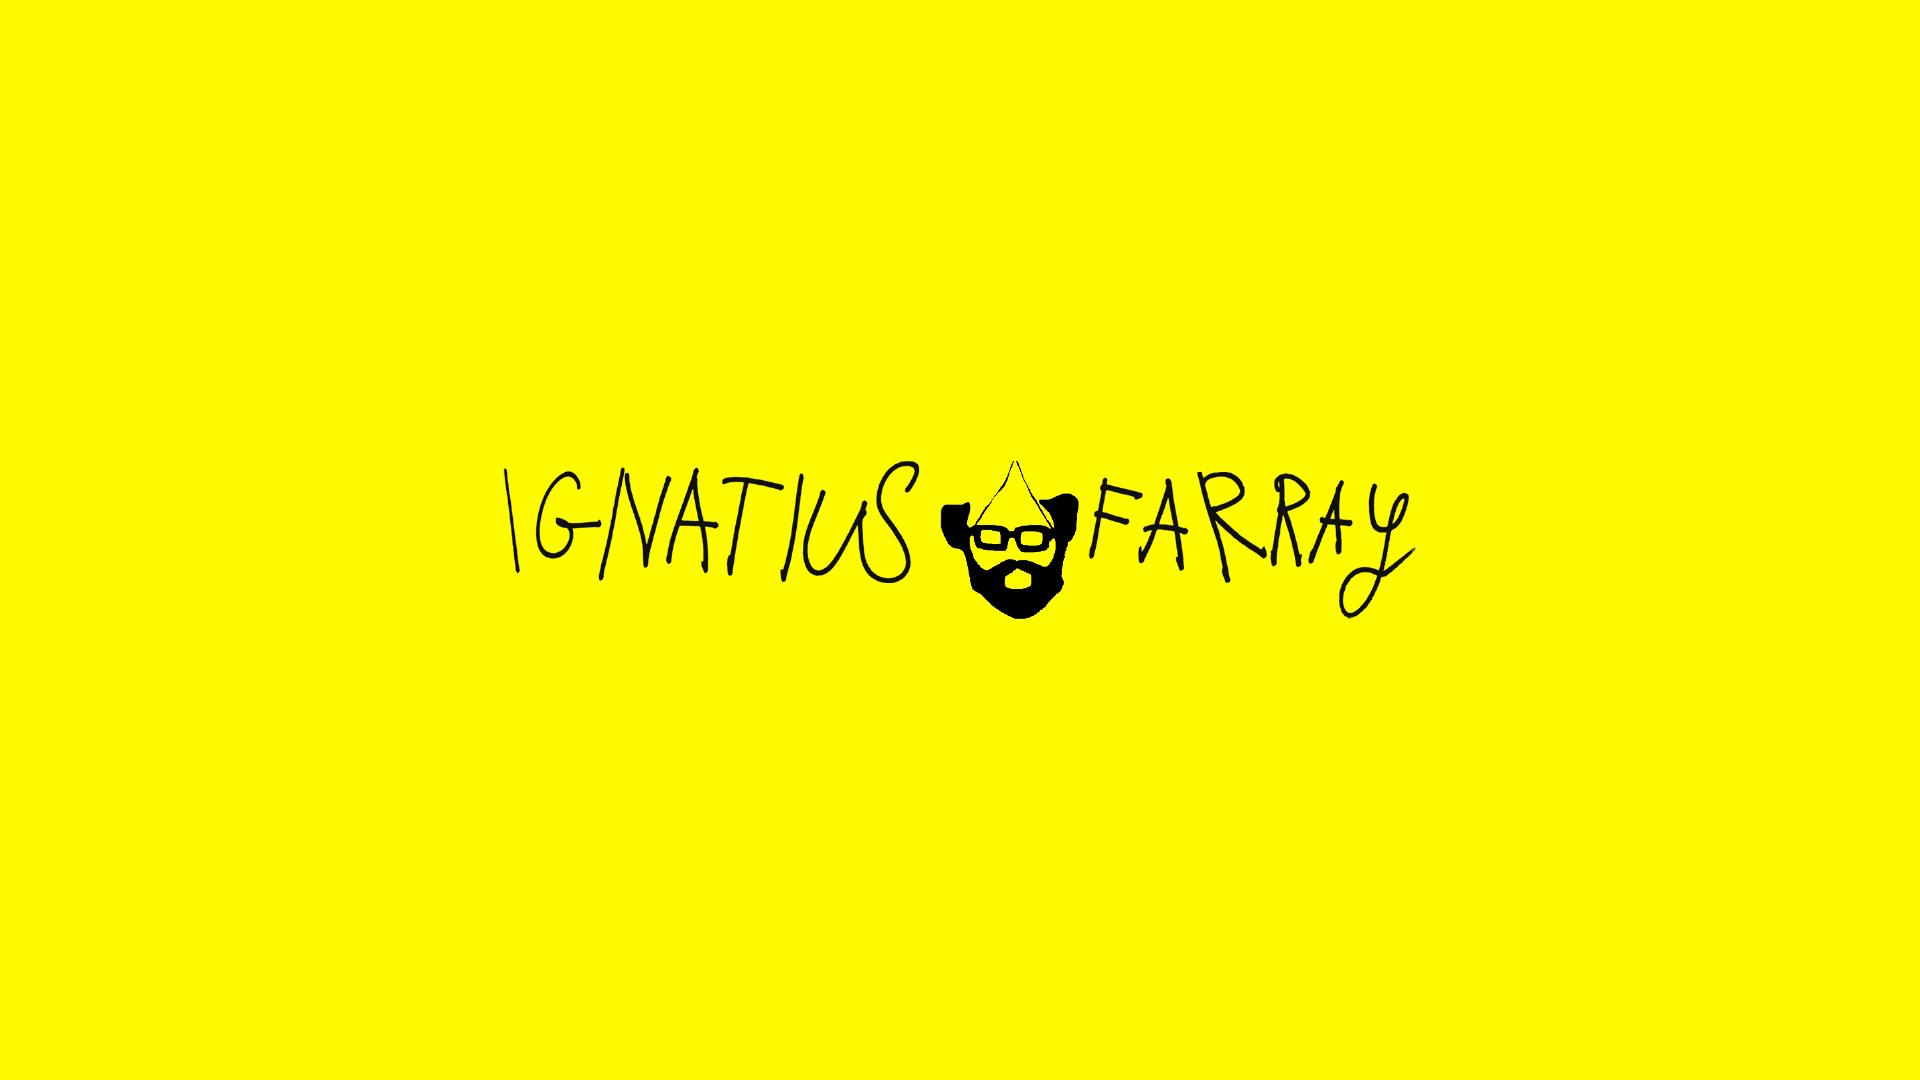 Ignatius Farray y El Grito Sordo SL